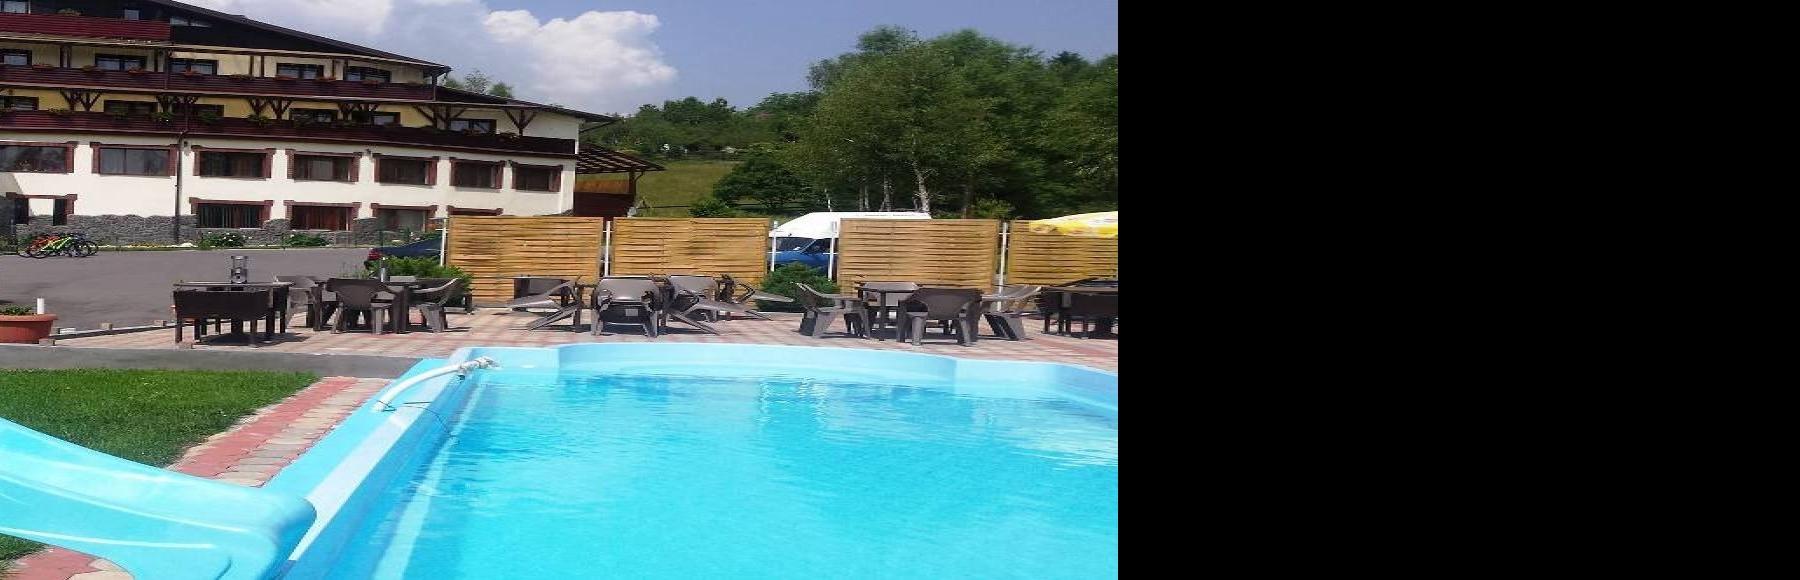 Teambuilding la munte vouchere vacanta tichete 2018 for Hotel cu piscina